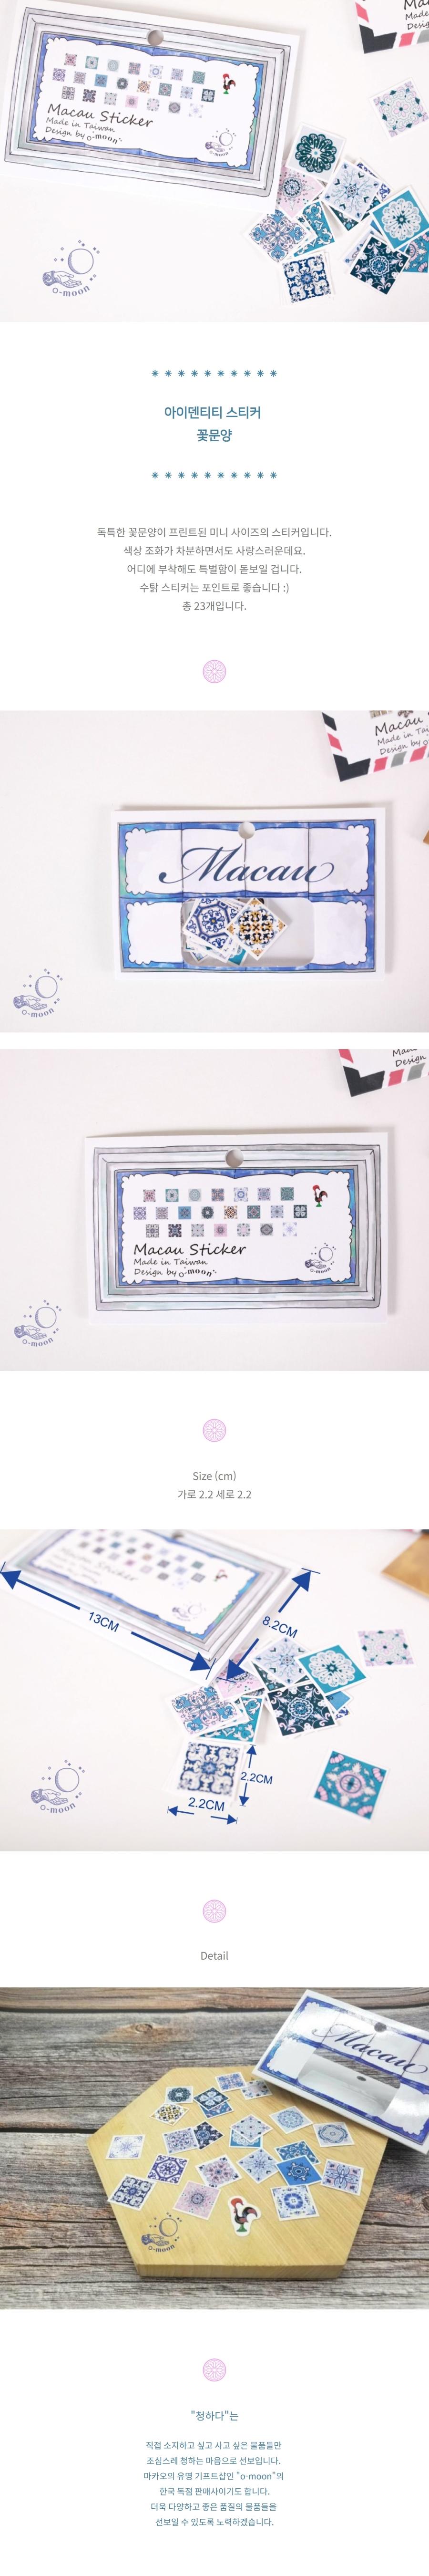 아이덴티티 스티커 - 꽃문양 - 오문, 5,000원, 스티커, 포인트데코스티커